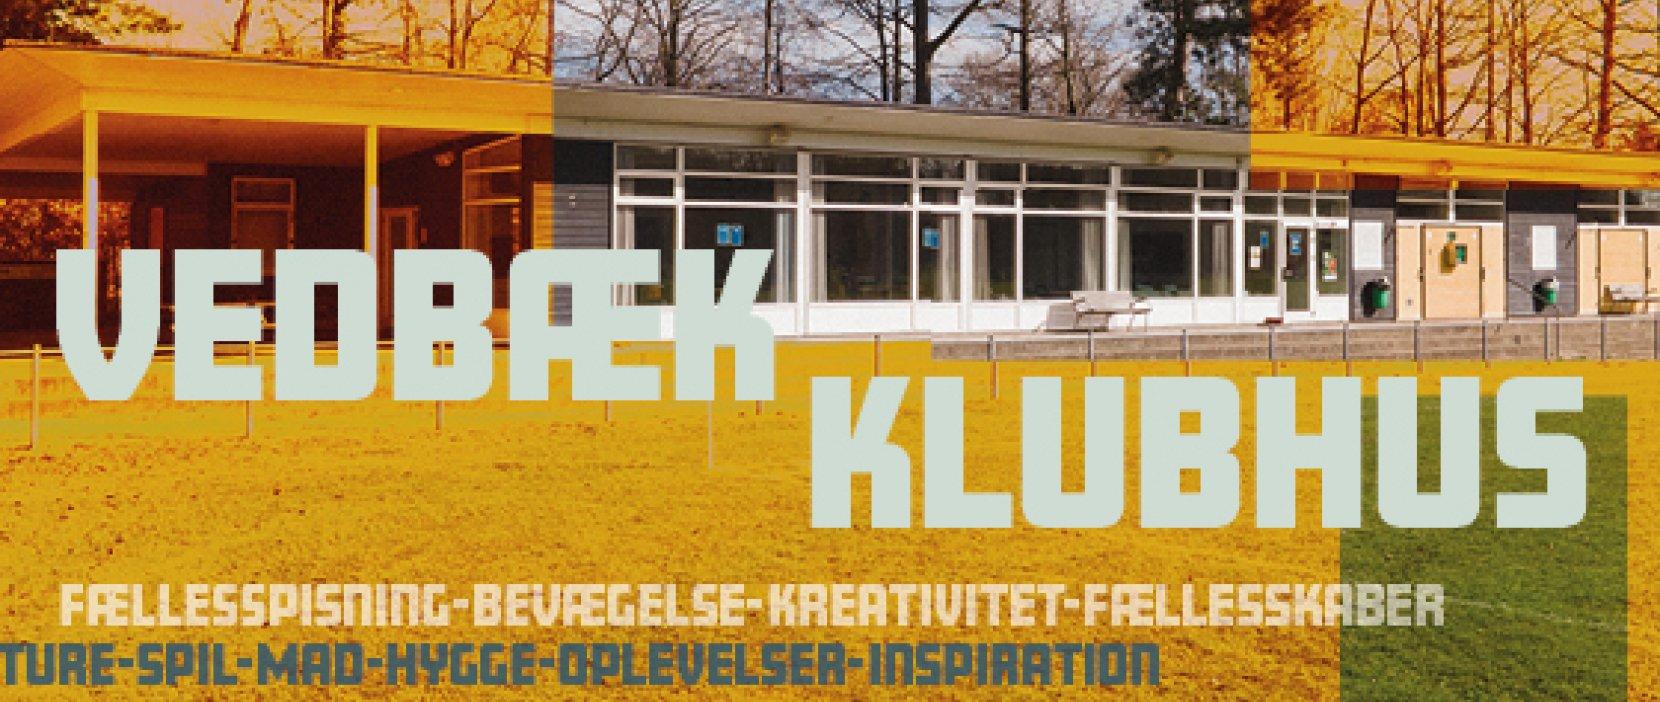 Dekorativt - Vedbæk Klubhus